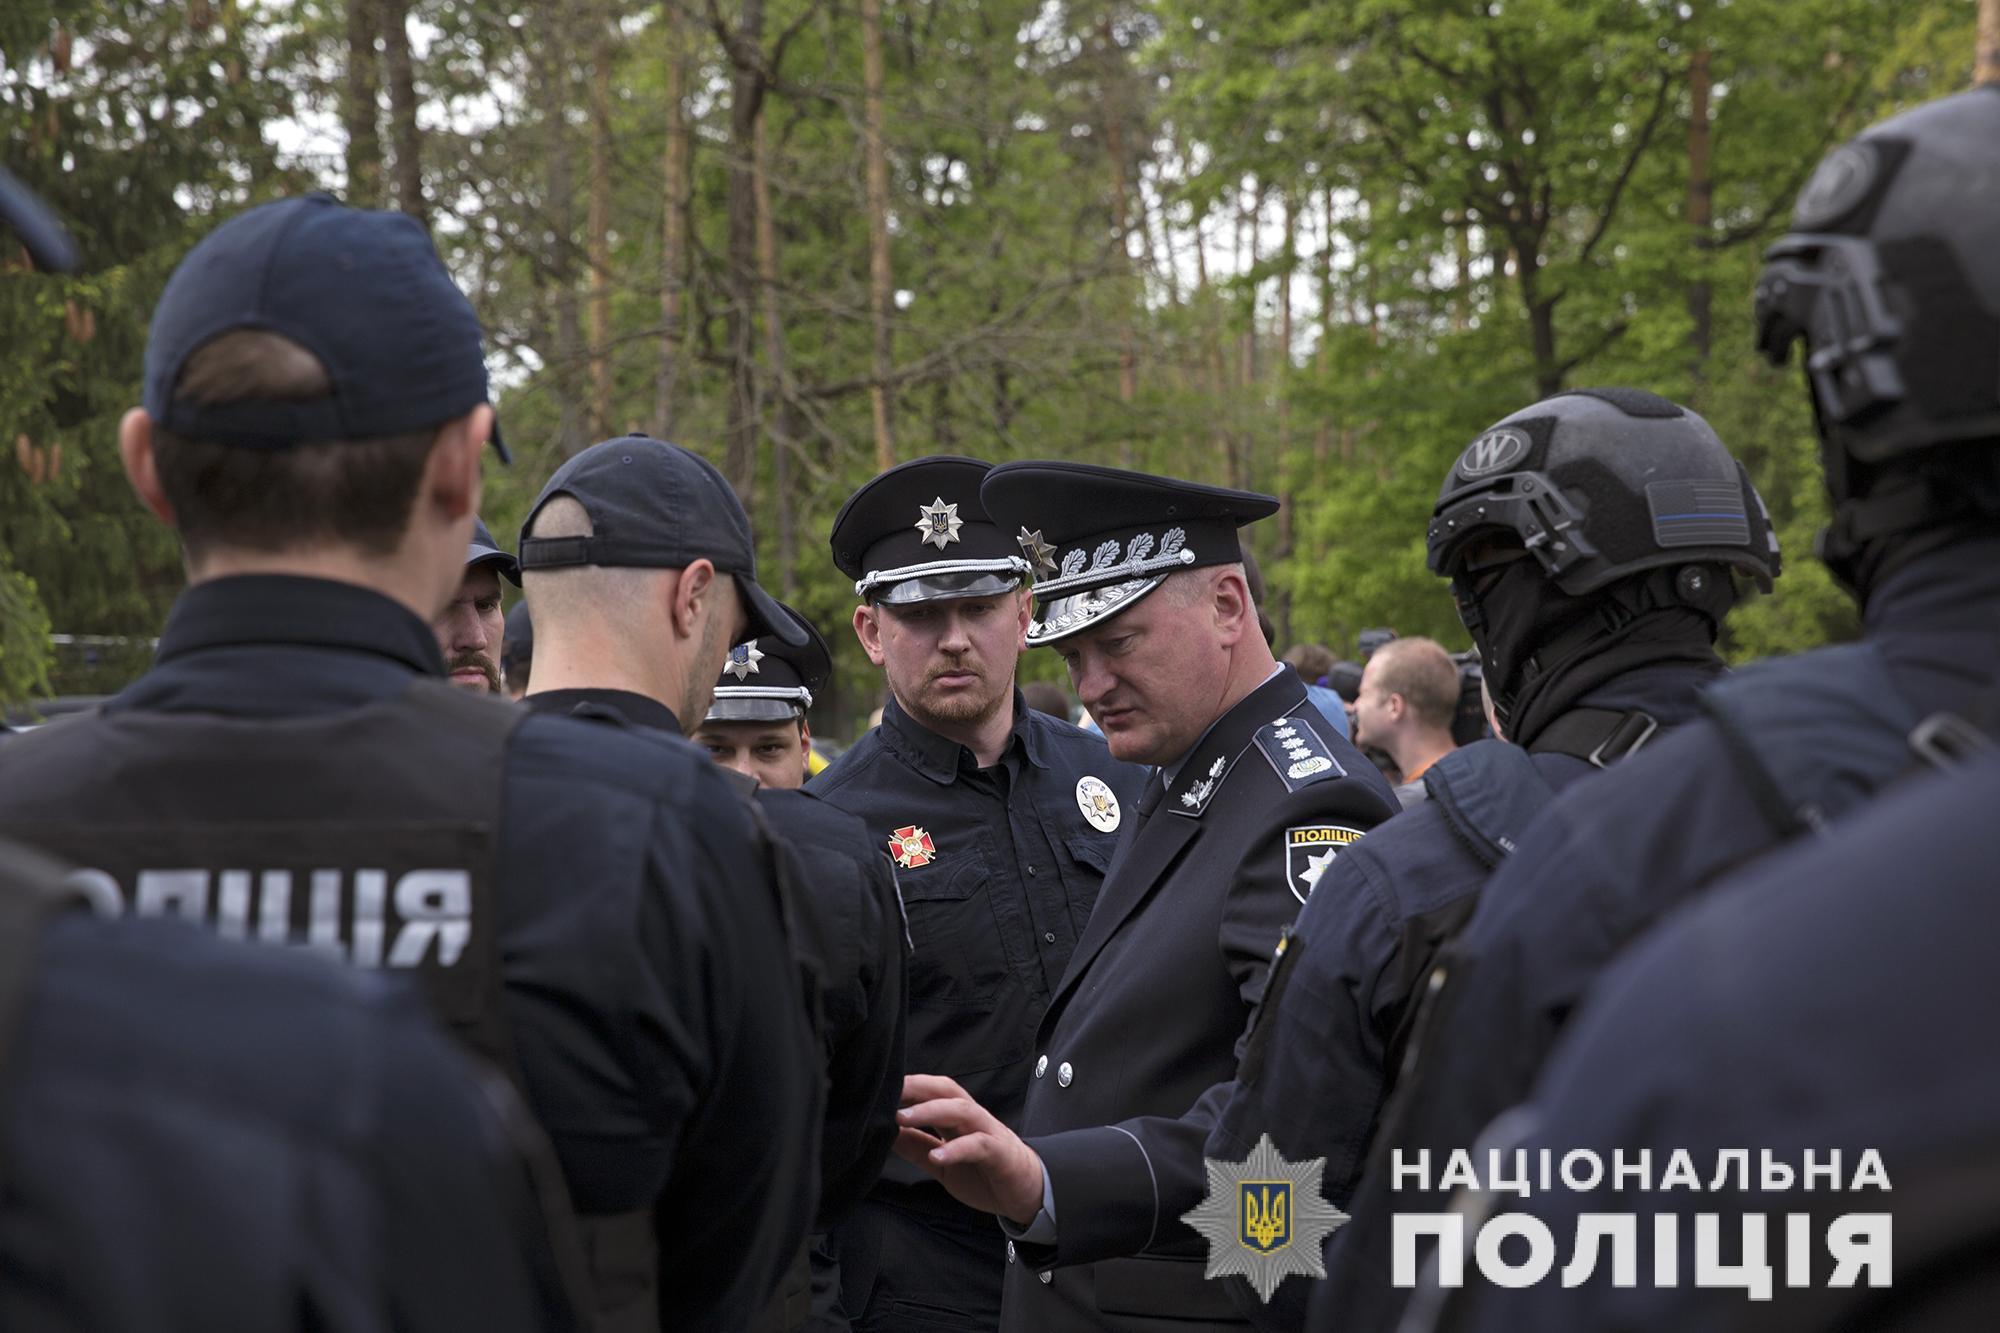 Полиция отказывается от автоматов Калашникова и переходит на оружие превентивного характера